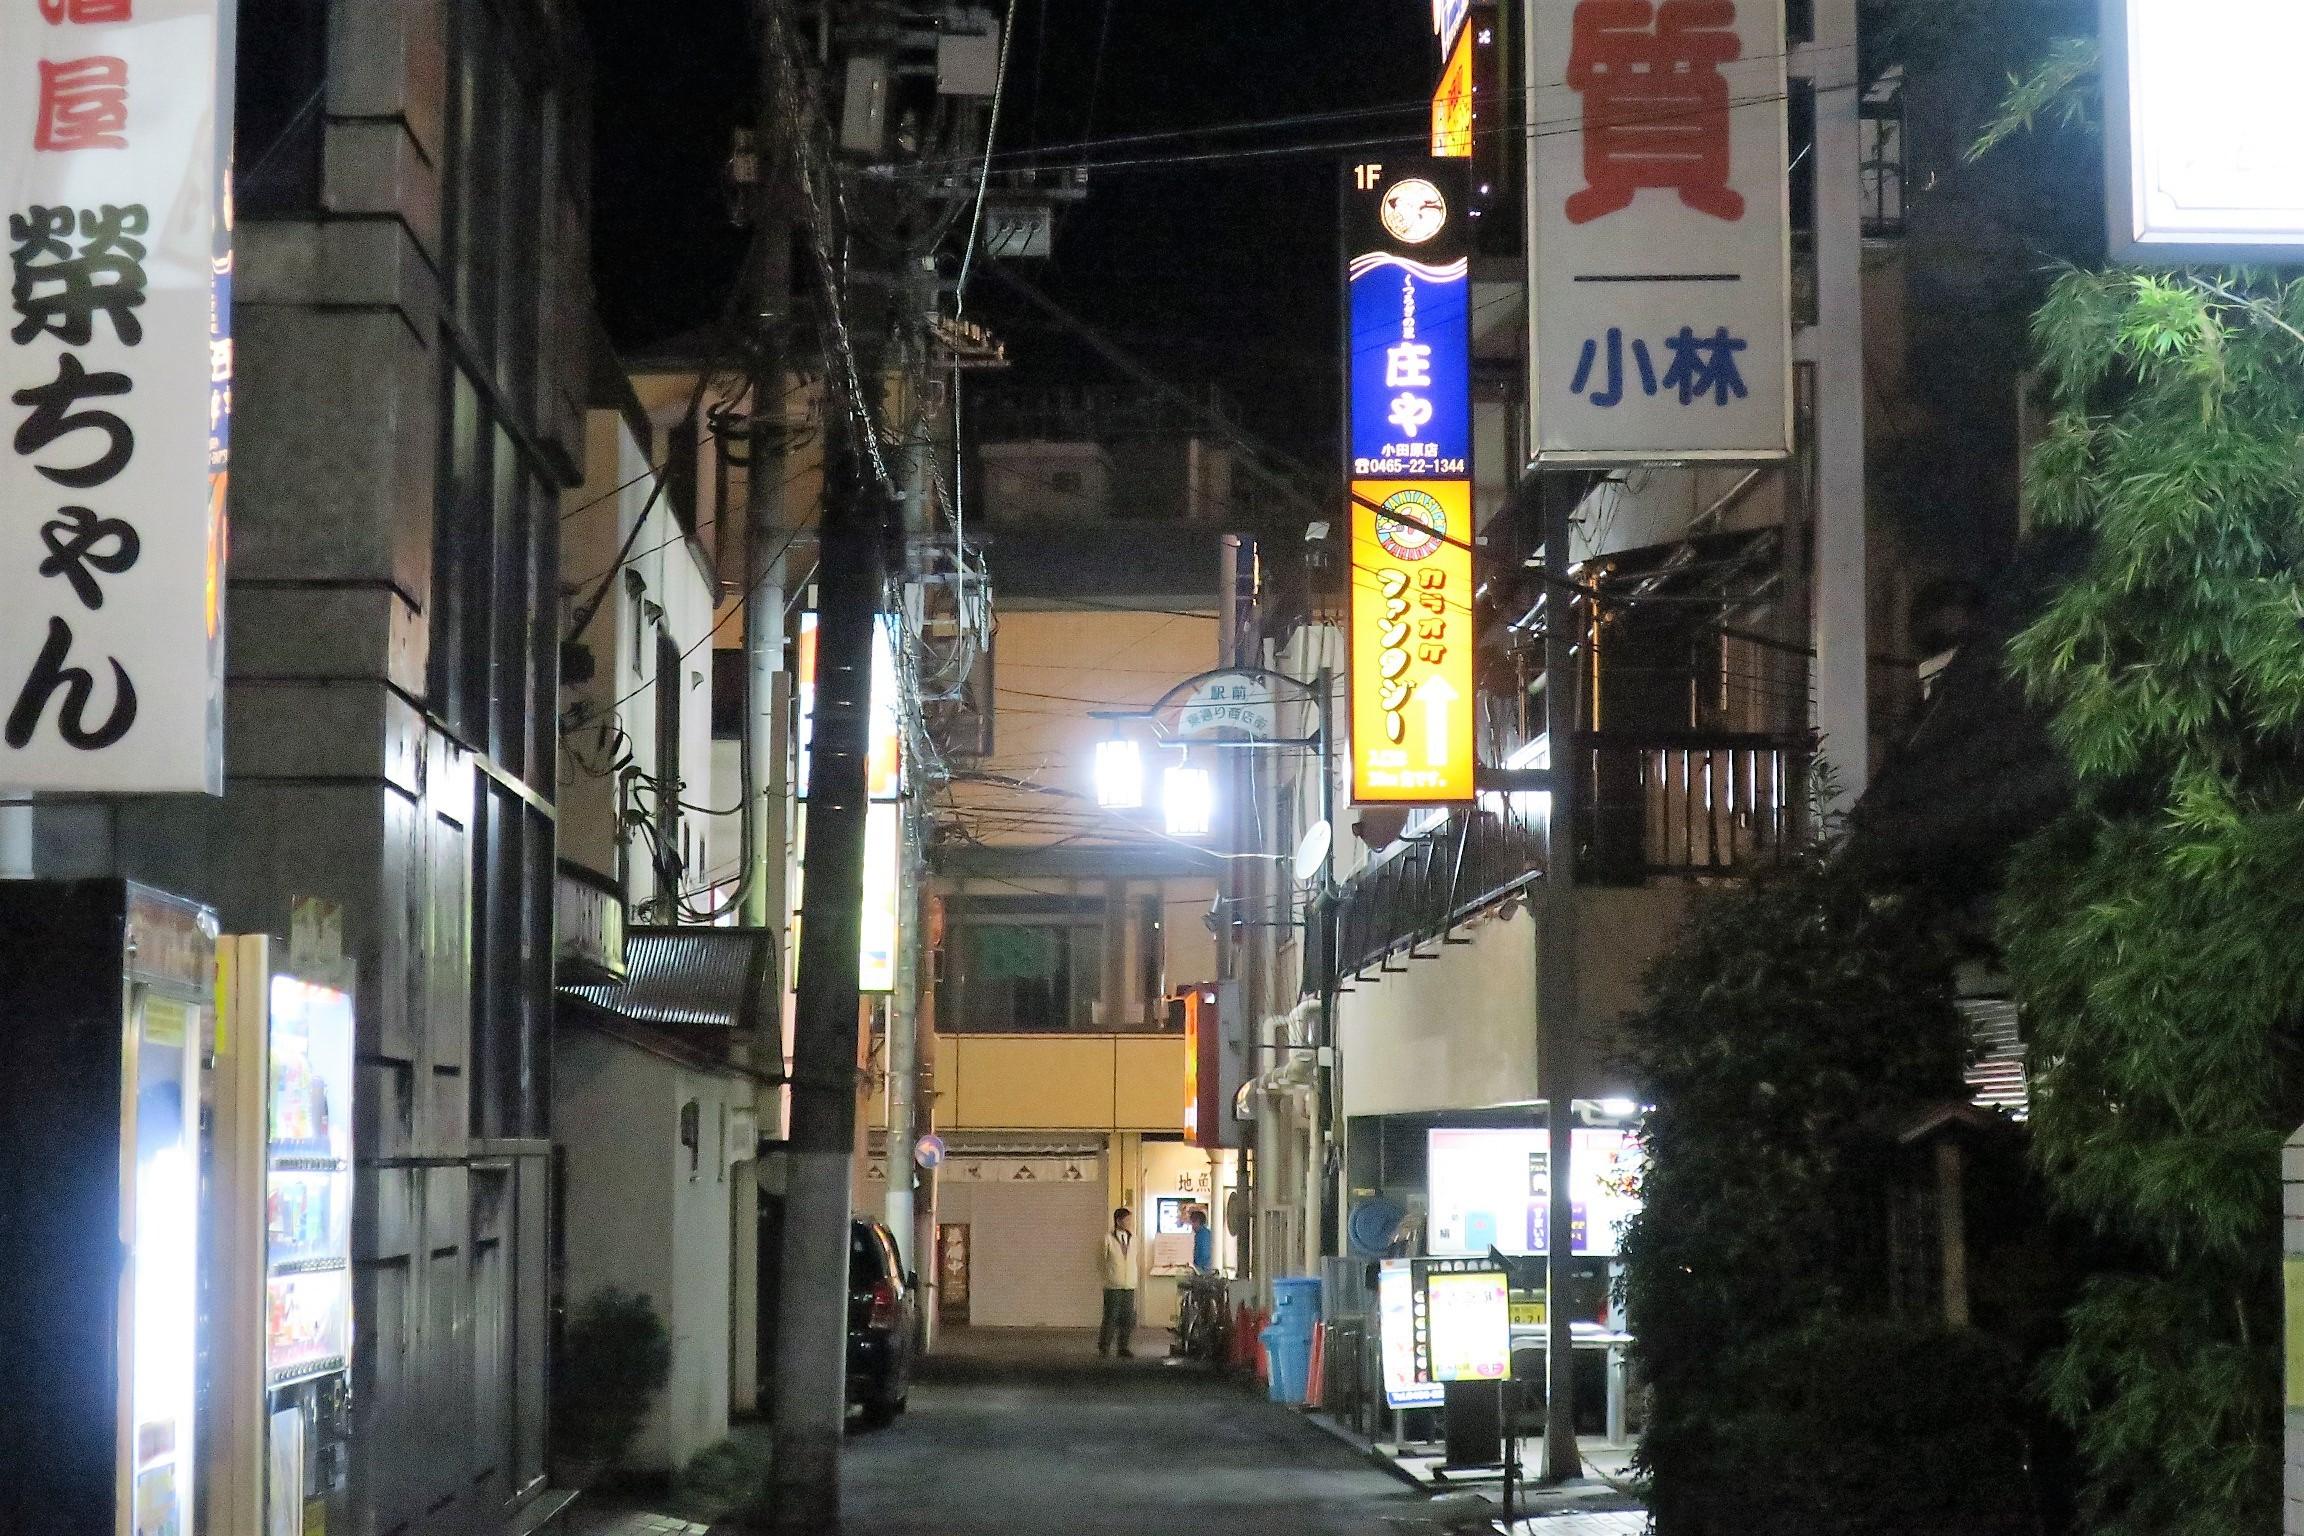 osyareyokocyou9101805